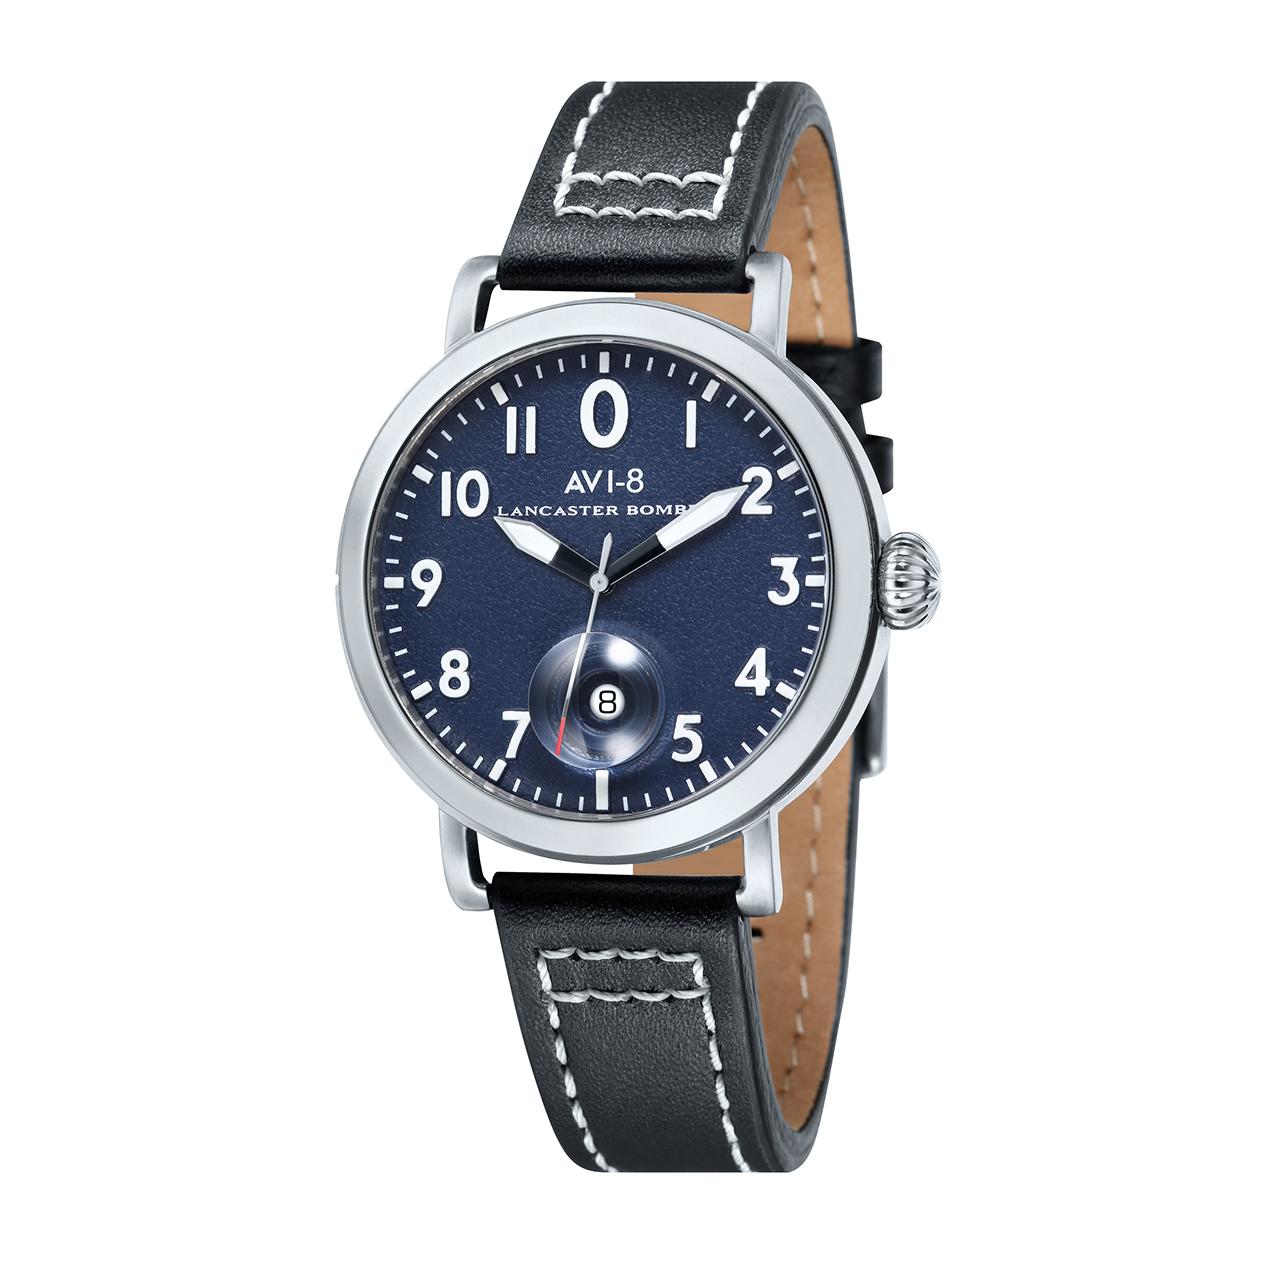 ساعت مچی عقربه ای مردانه ای وی-8 مدل AV-4020-03 54